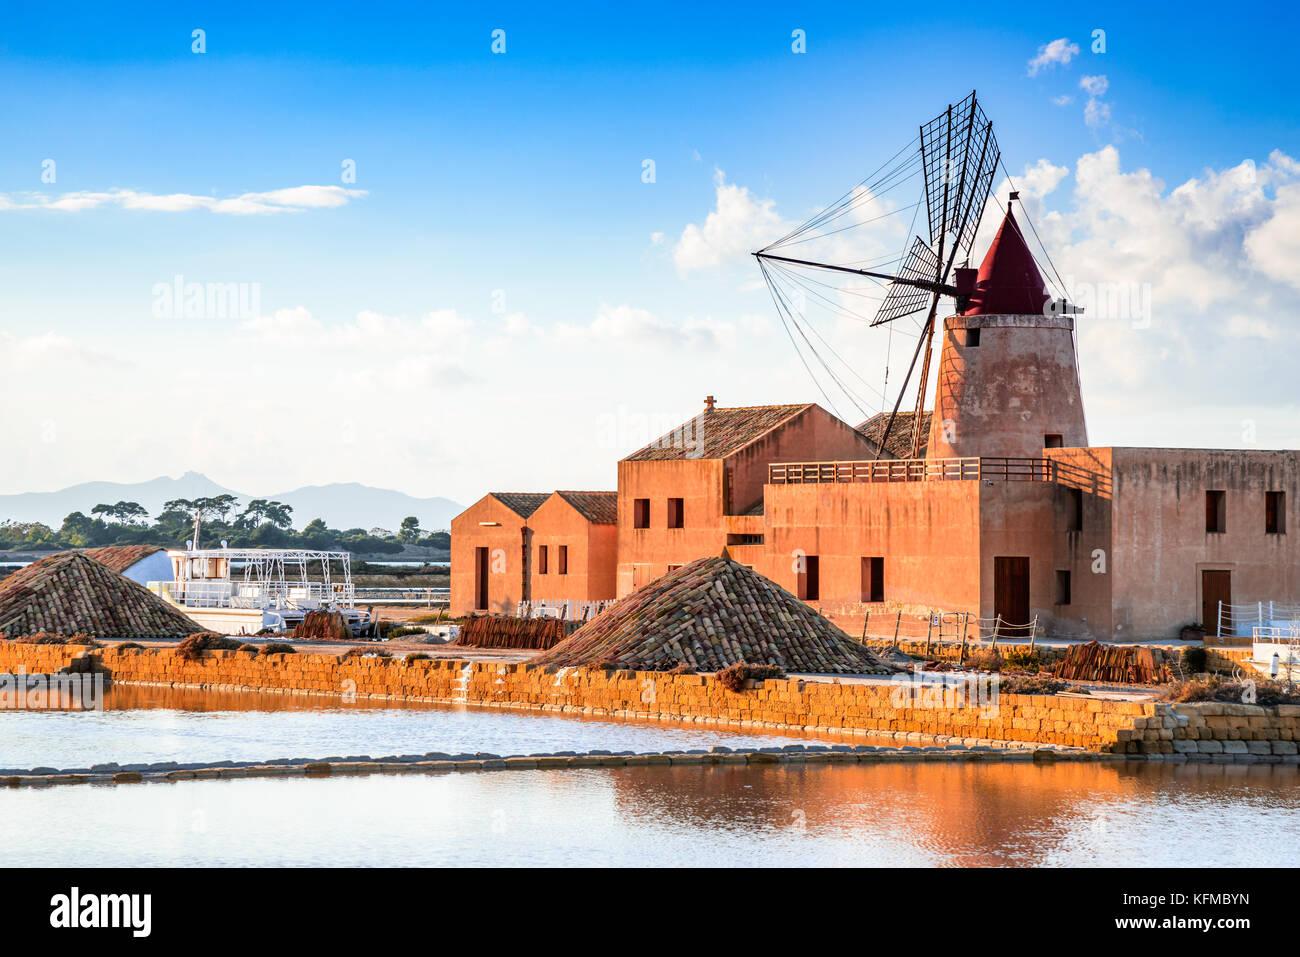 Marsala, Italie. Lagune du Stagnone avec vintage moulins à vent et saline, province de Trapani, en Sicile. Photo Stock